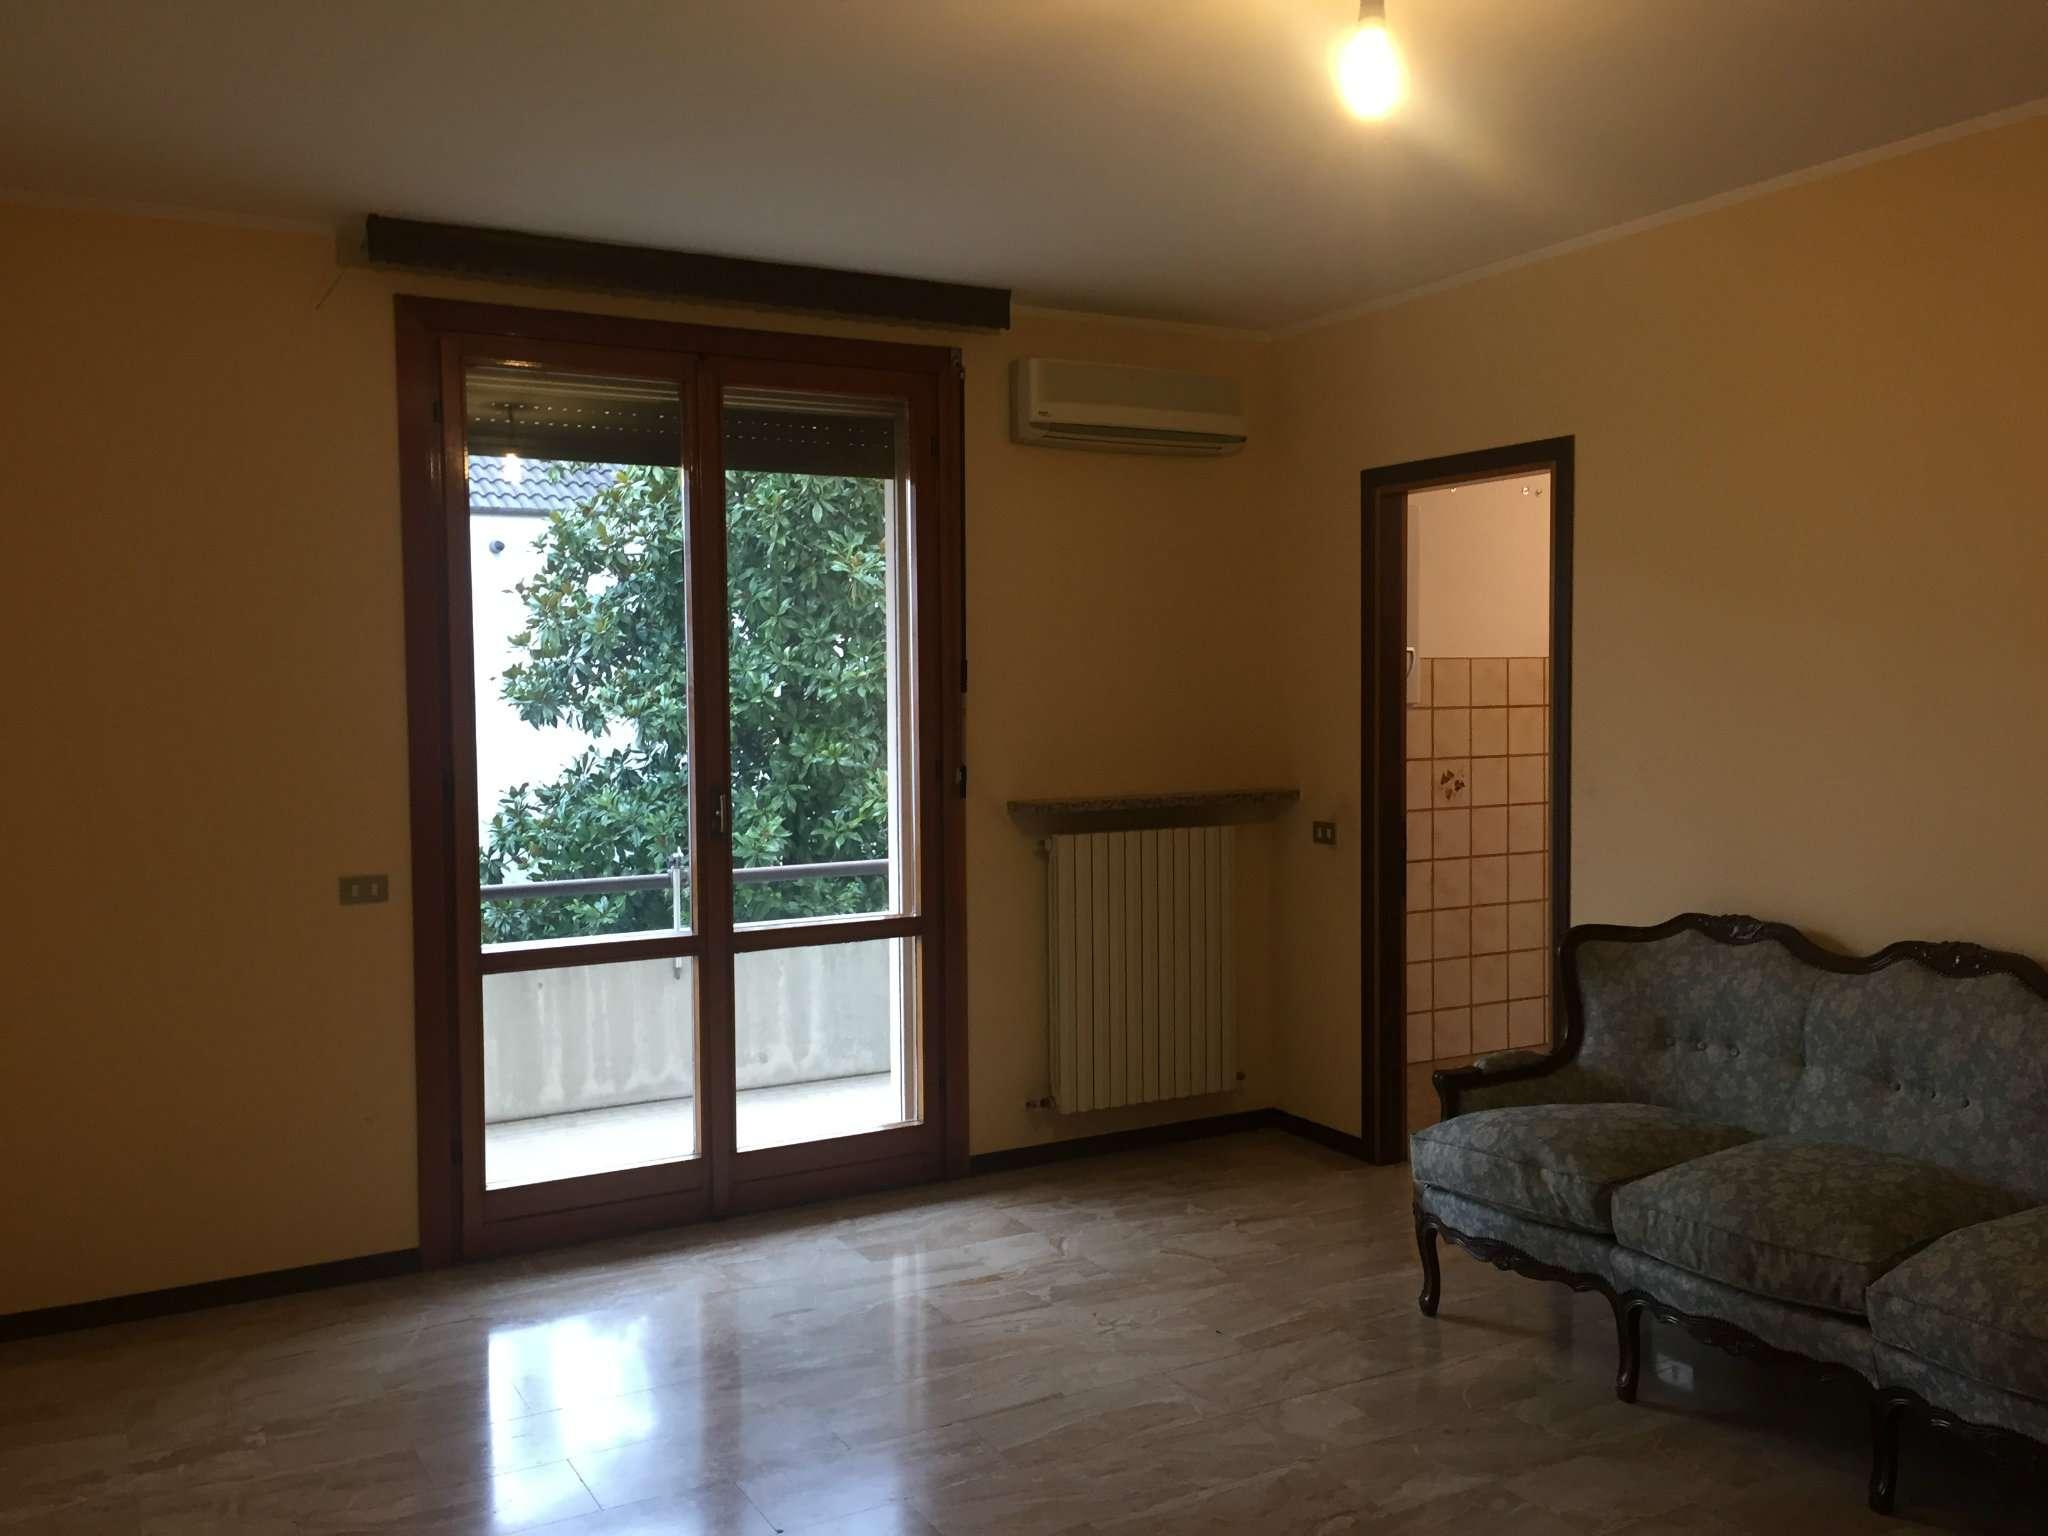 Appartamenti con due camere a viadana for Appartamenti con due camere matrimoniali